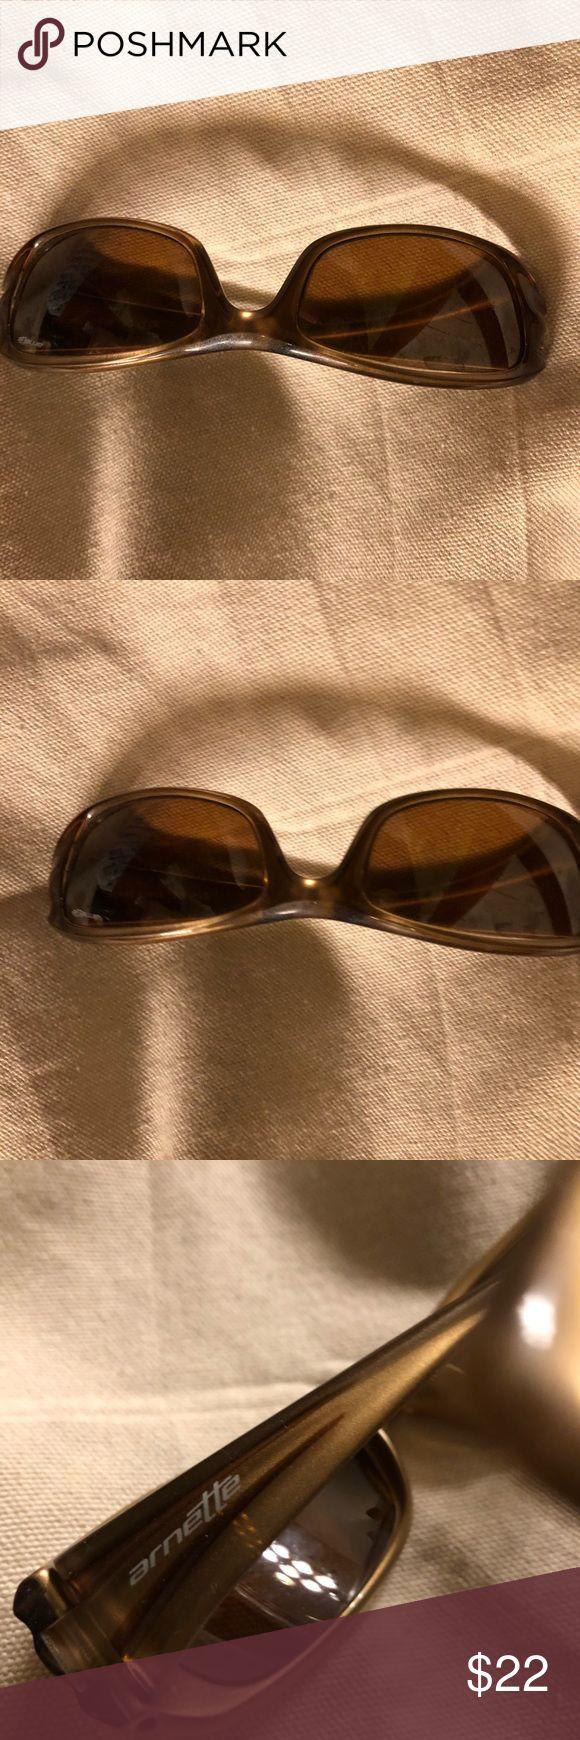 Arnette polarized glasses Sporty sun glasses by Arnette, great visibility. Polarized glass cuts glare Arnette Accessories Glasses